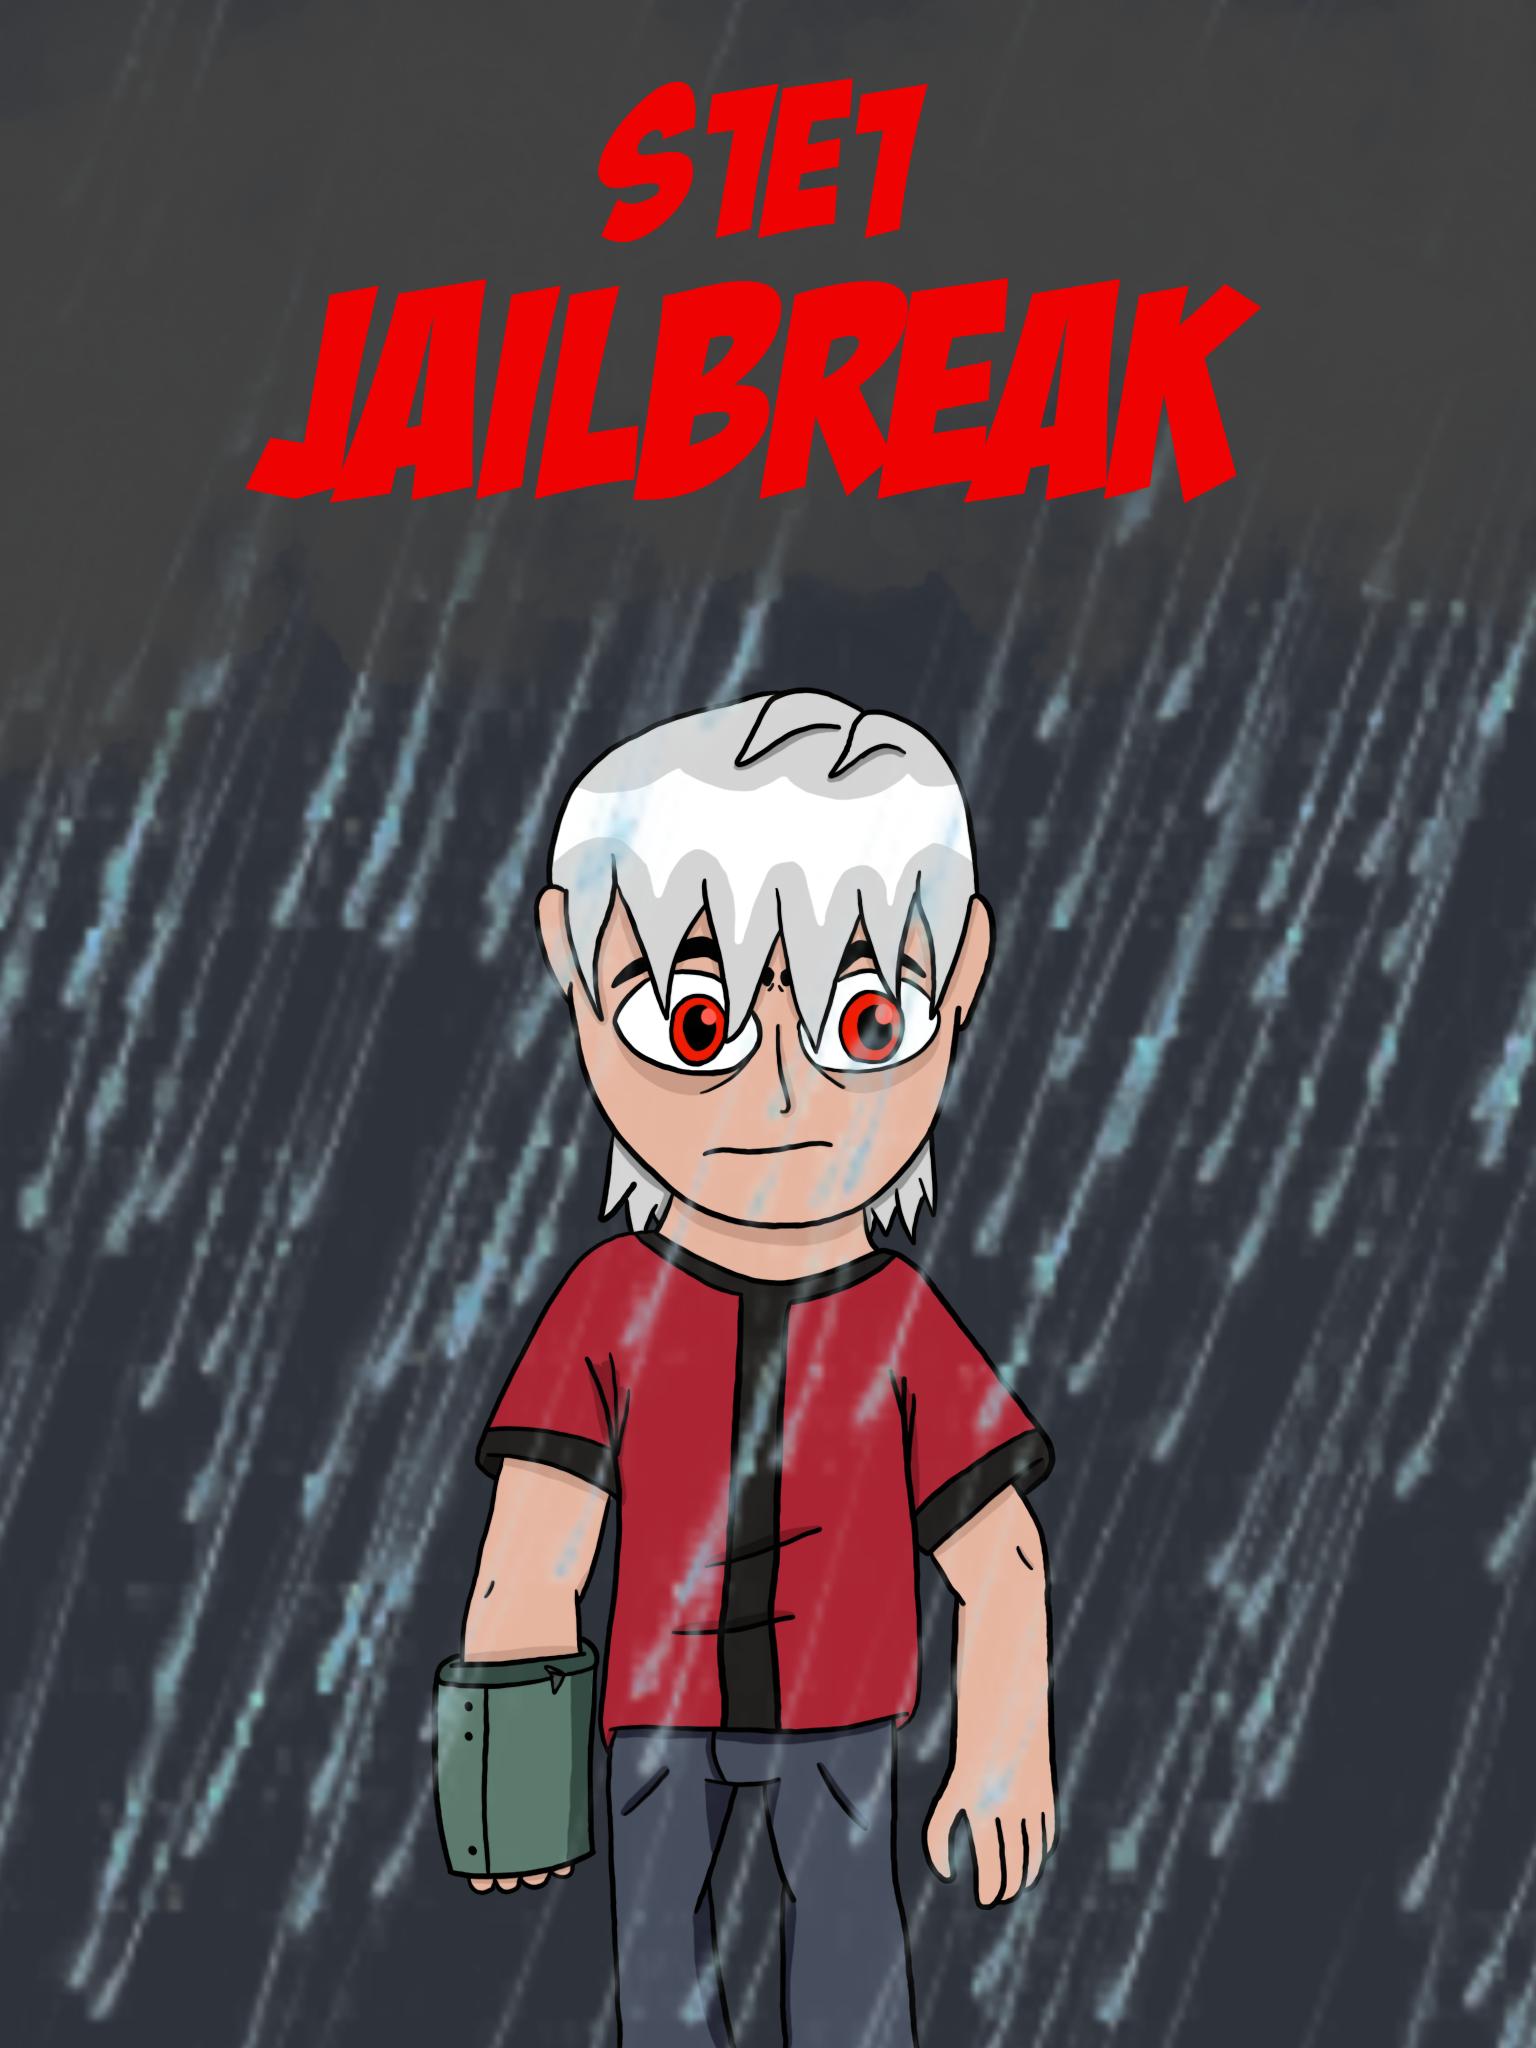 Doppelgänger S1E1: Jailbreak